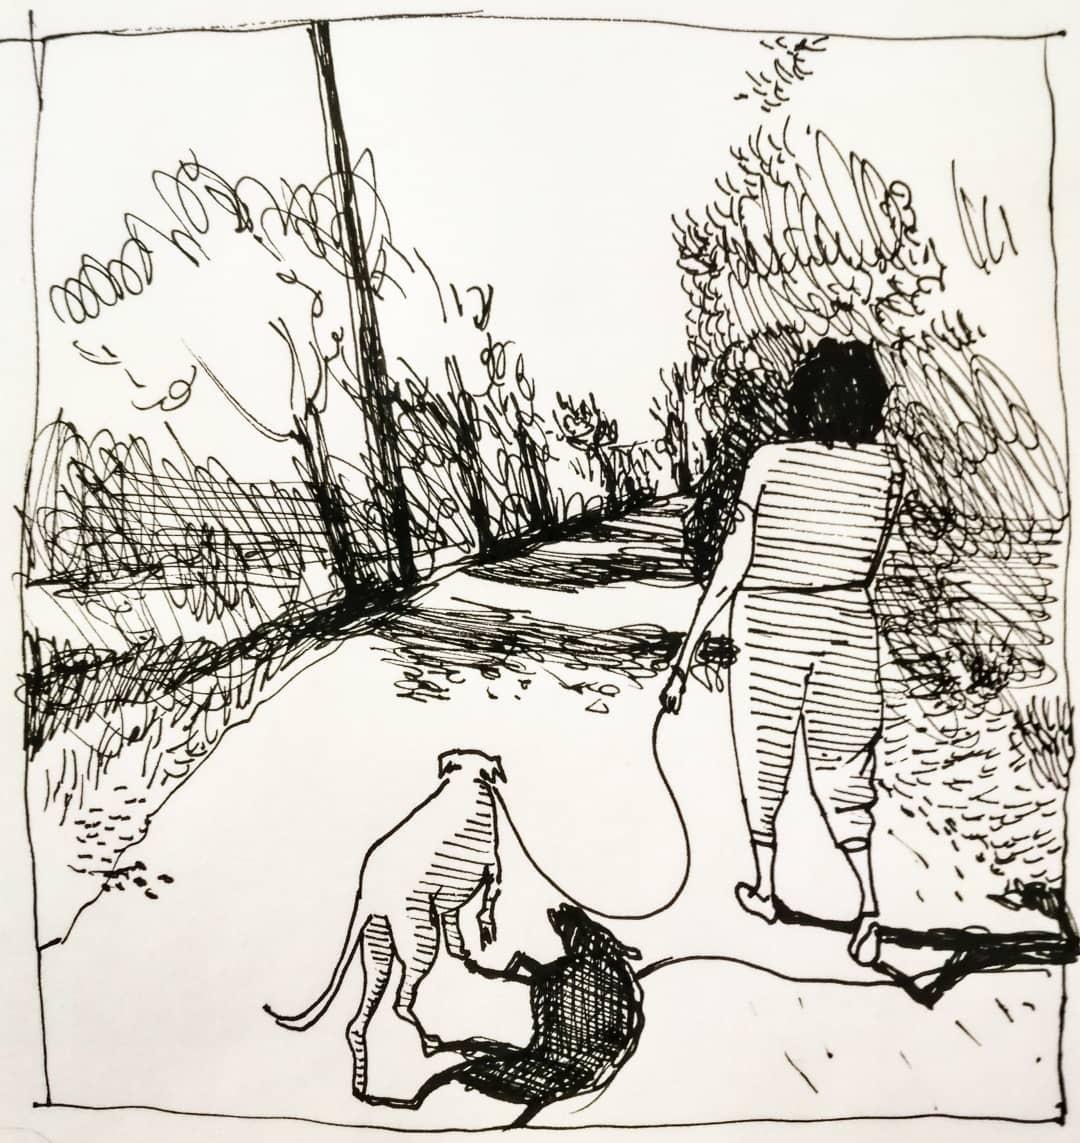 disegno a matita con donna e cane